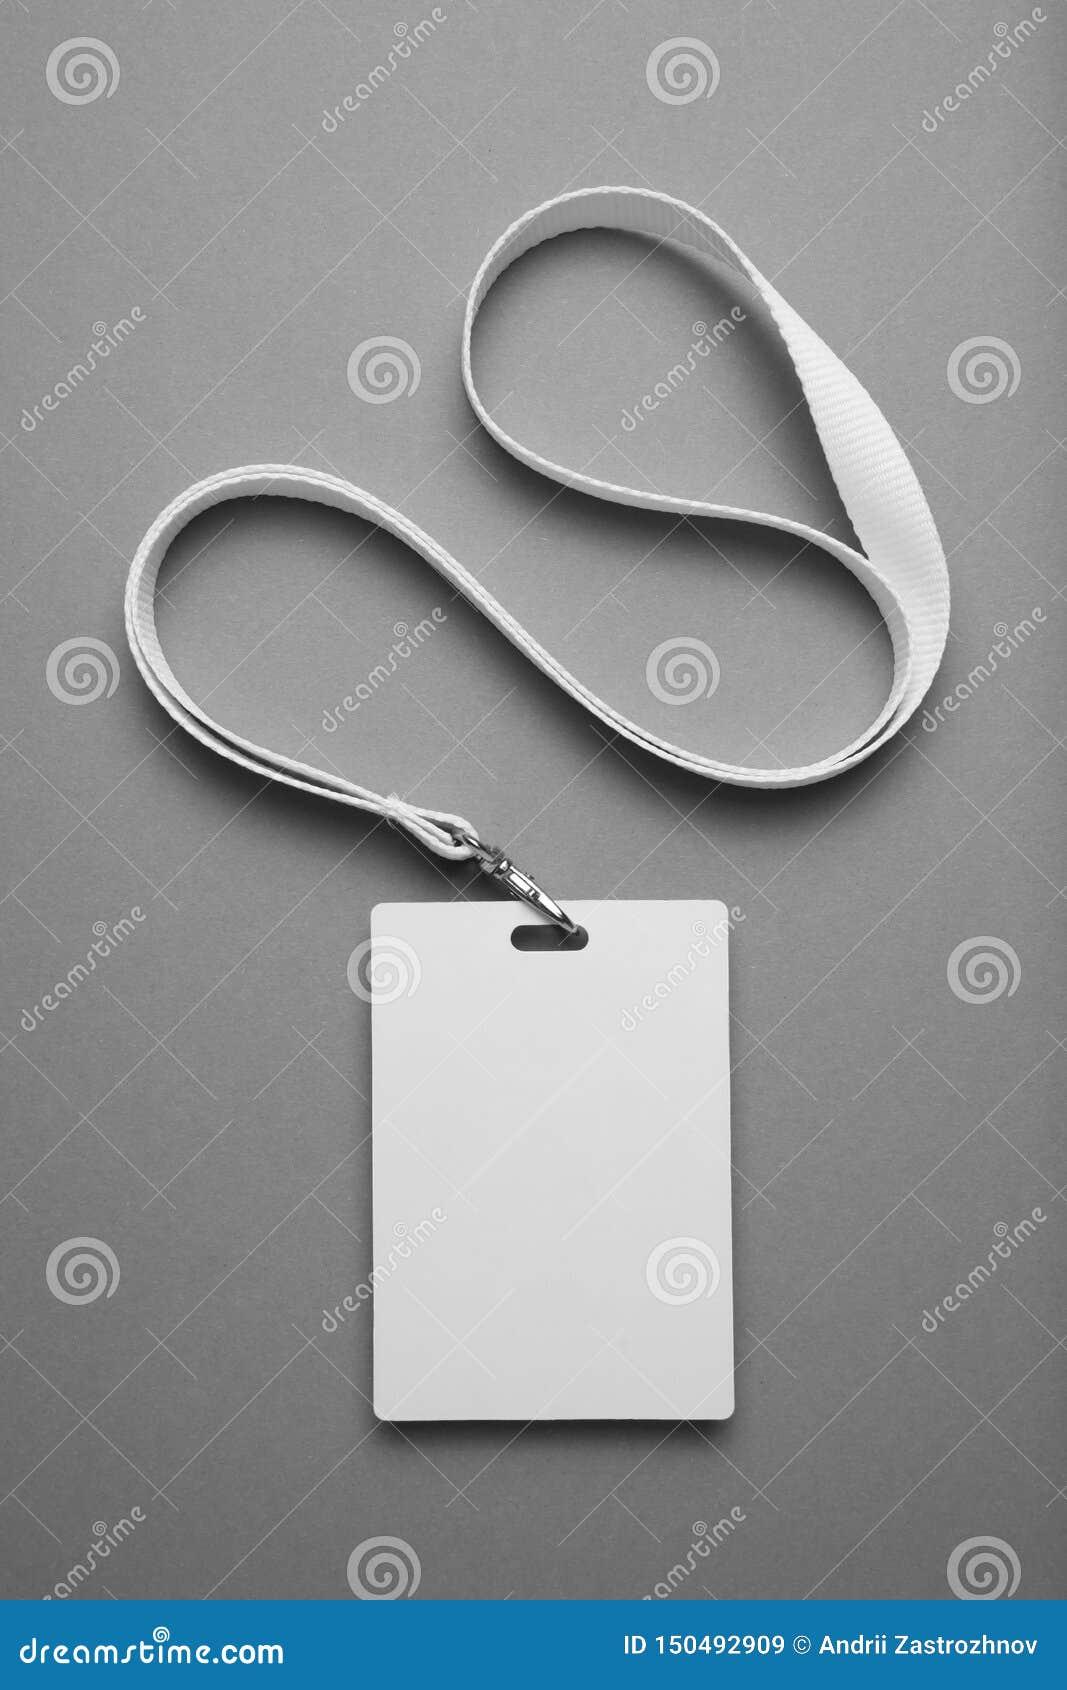 Emblemet personalID-modell, namnger etikettstaljerepidentitetskorten på grå bakgrund